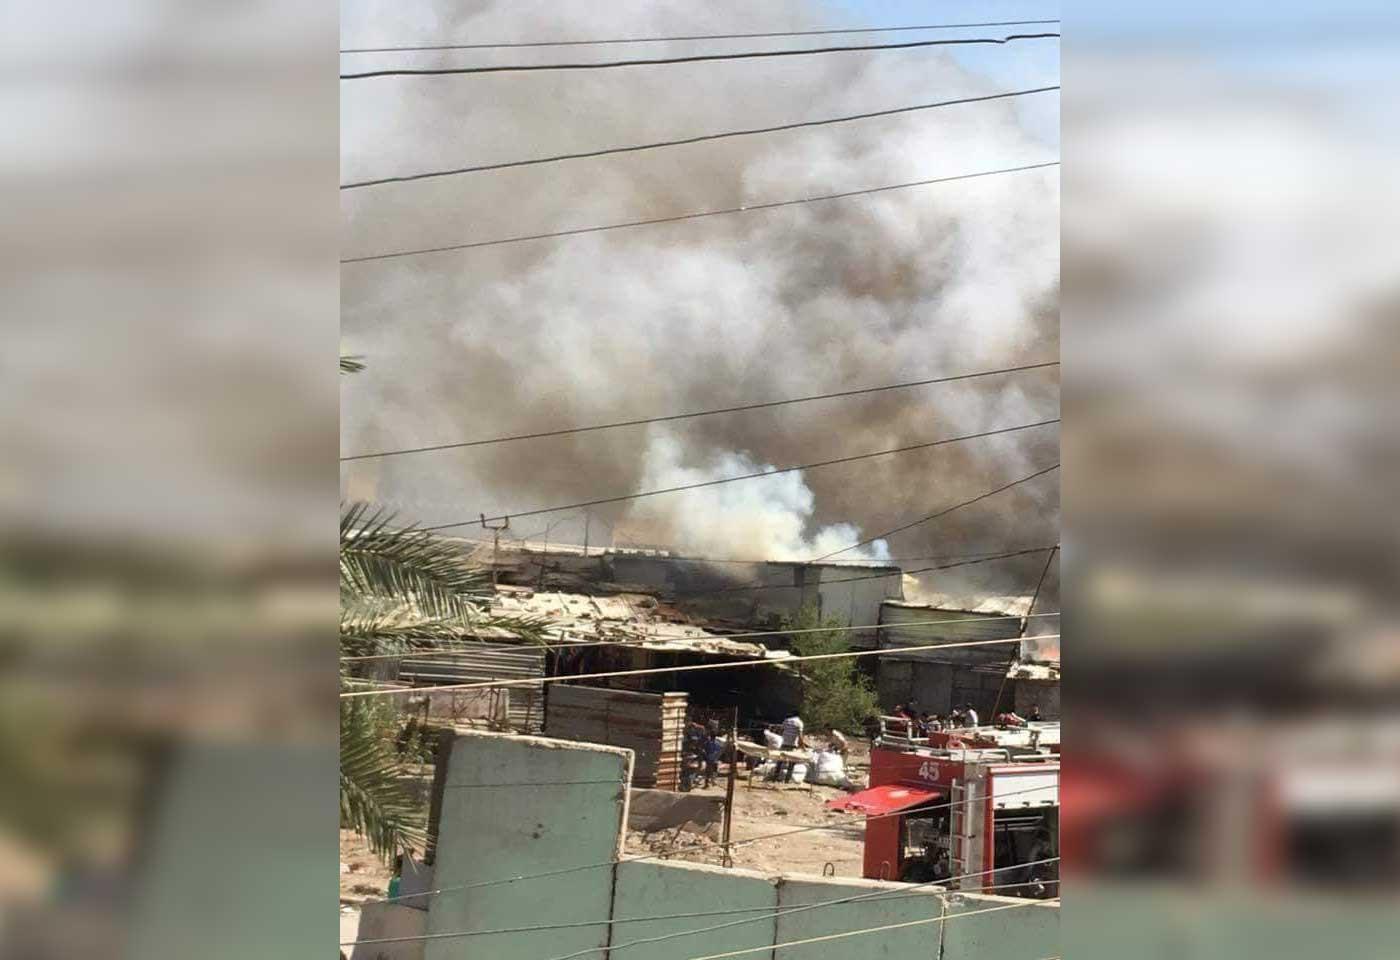 الدفاع المدني يخمد حريقاً اندلع بمحال تجارية جنوب شرقي بغداد